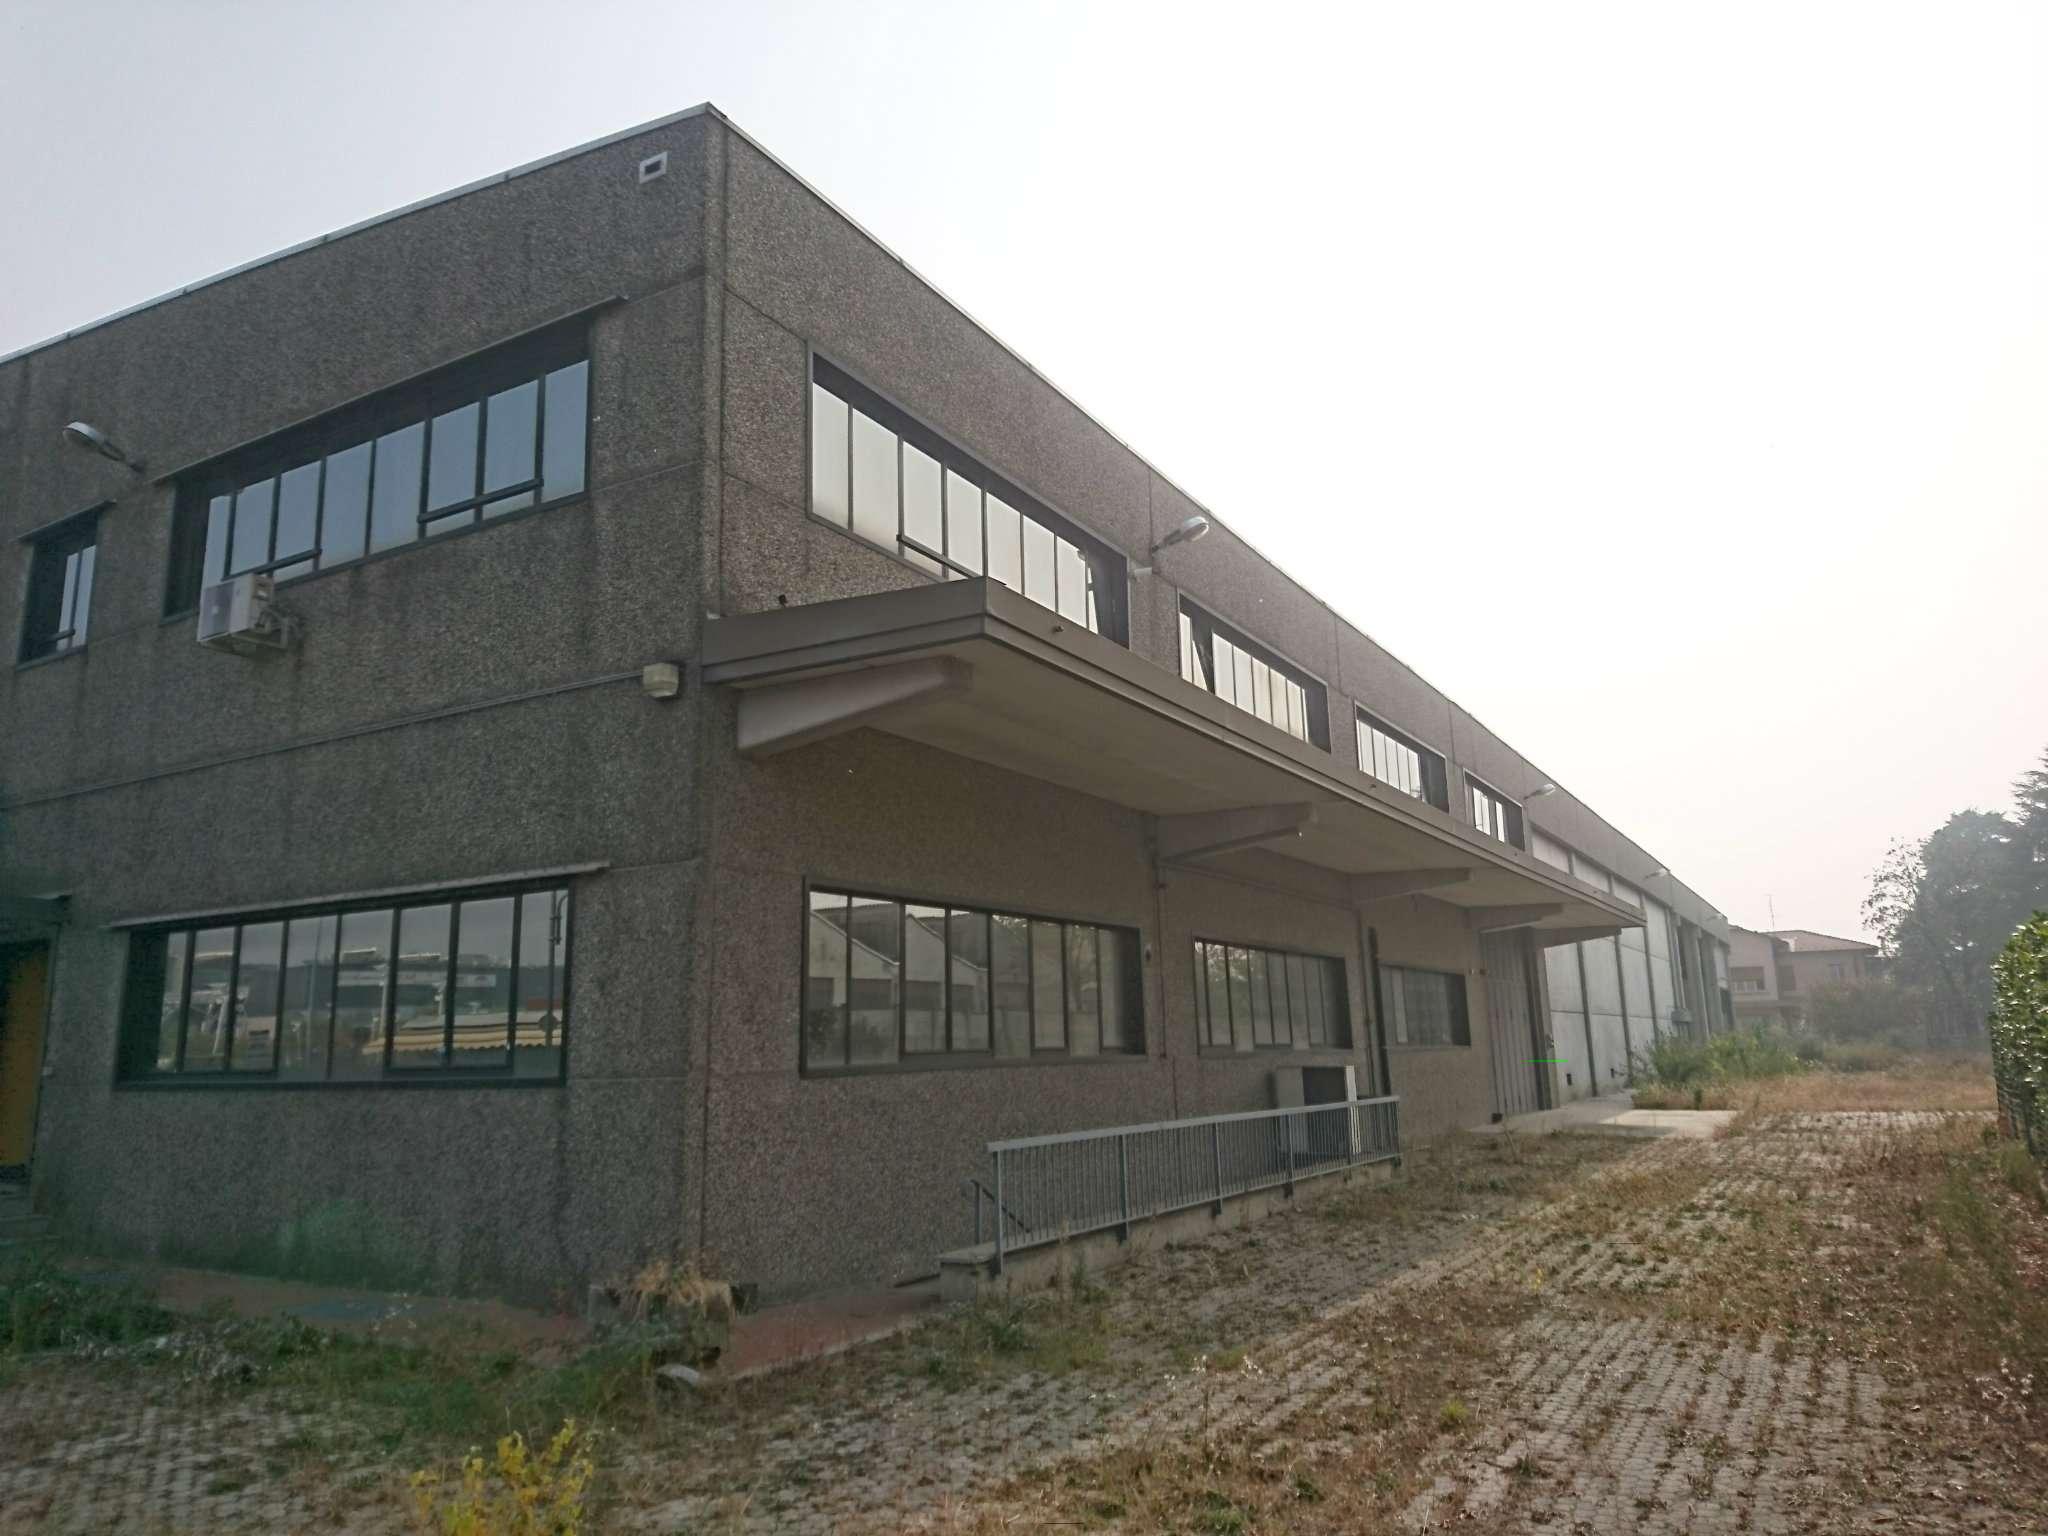 Negozio-locale in Vendita a Collegno: 5 locali, 3600 mq